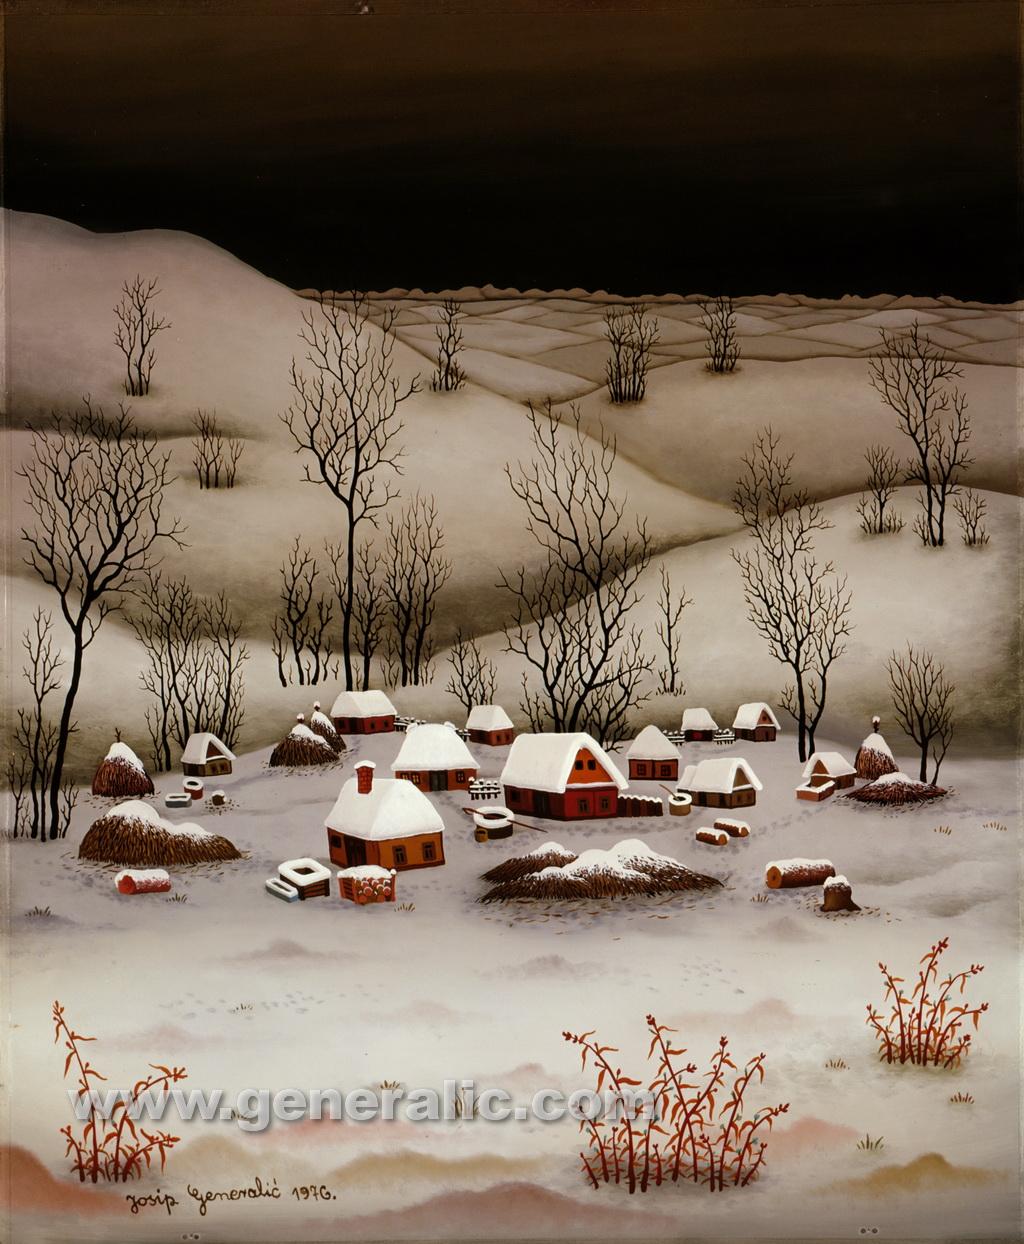 Josip Generalic, 1976, Village in winter, oil on glass